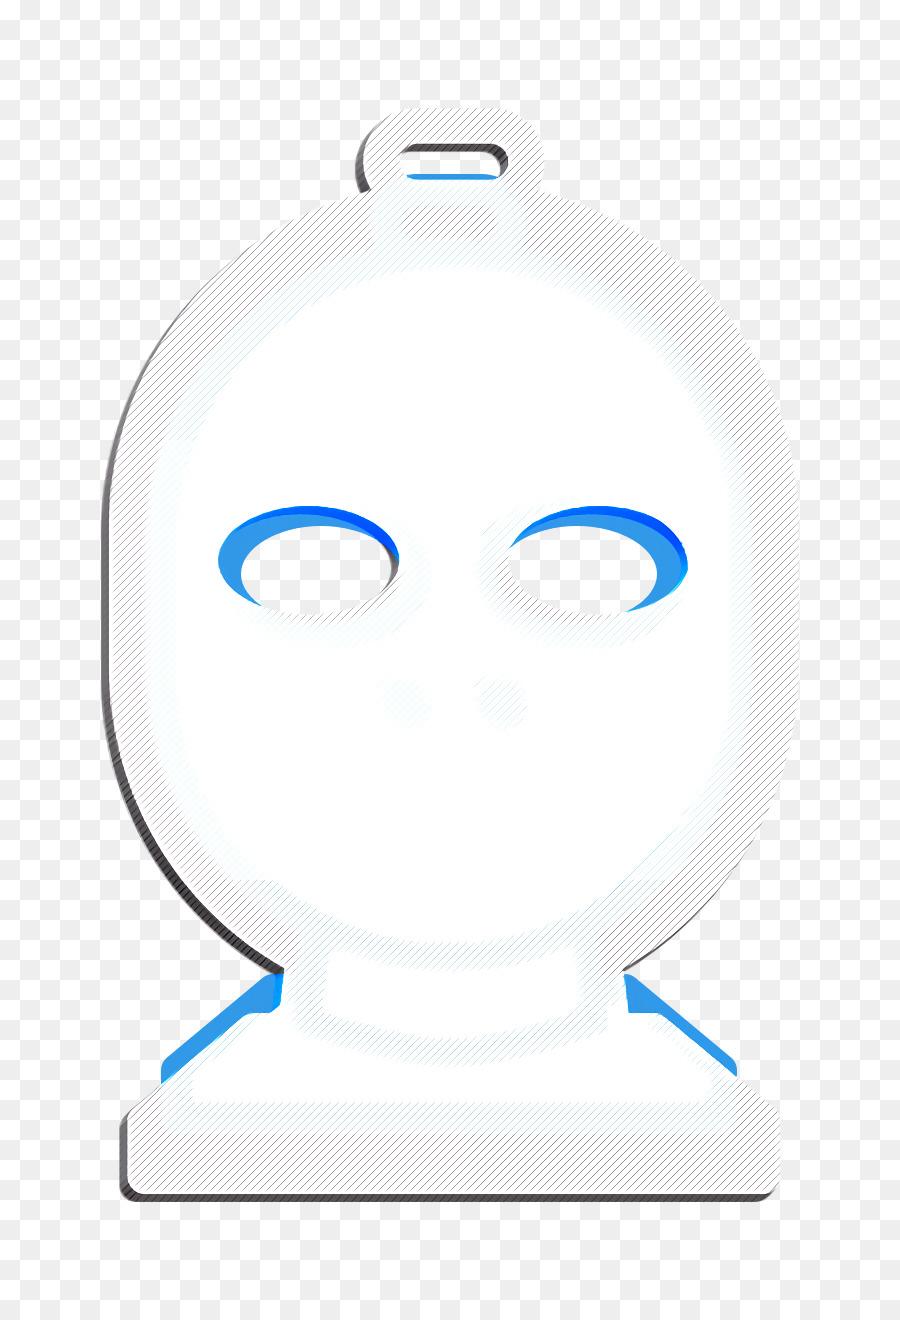 Descarga gratuita de La Cara, Azul, Blanco imágenes PNG